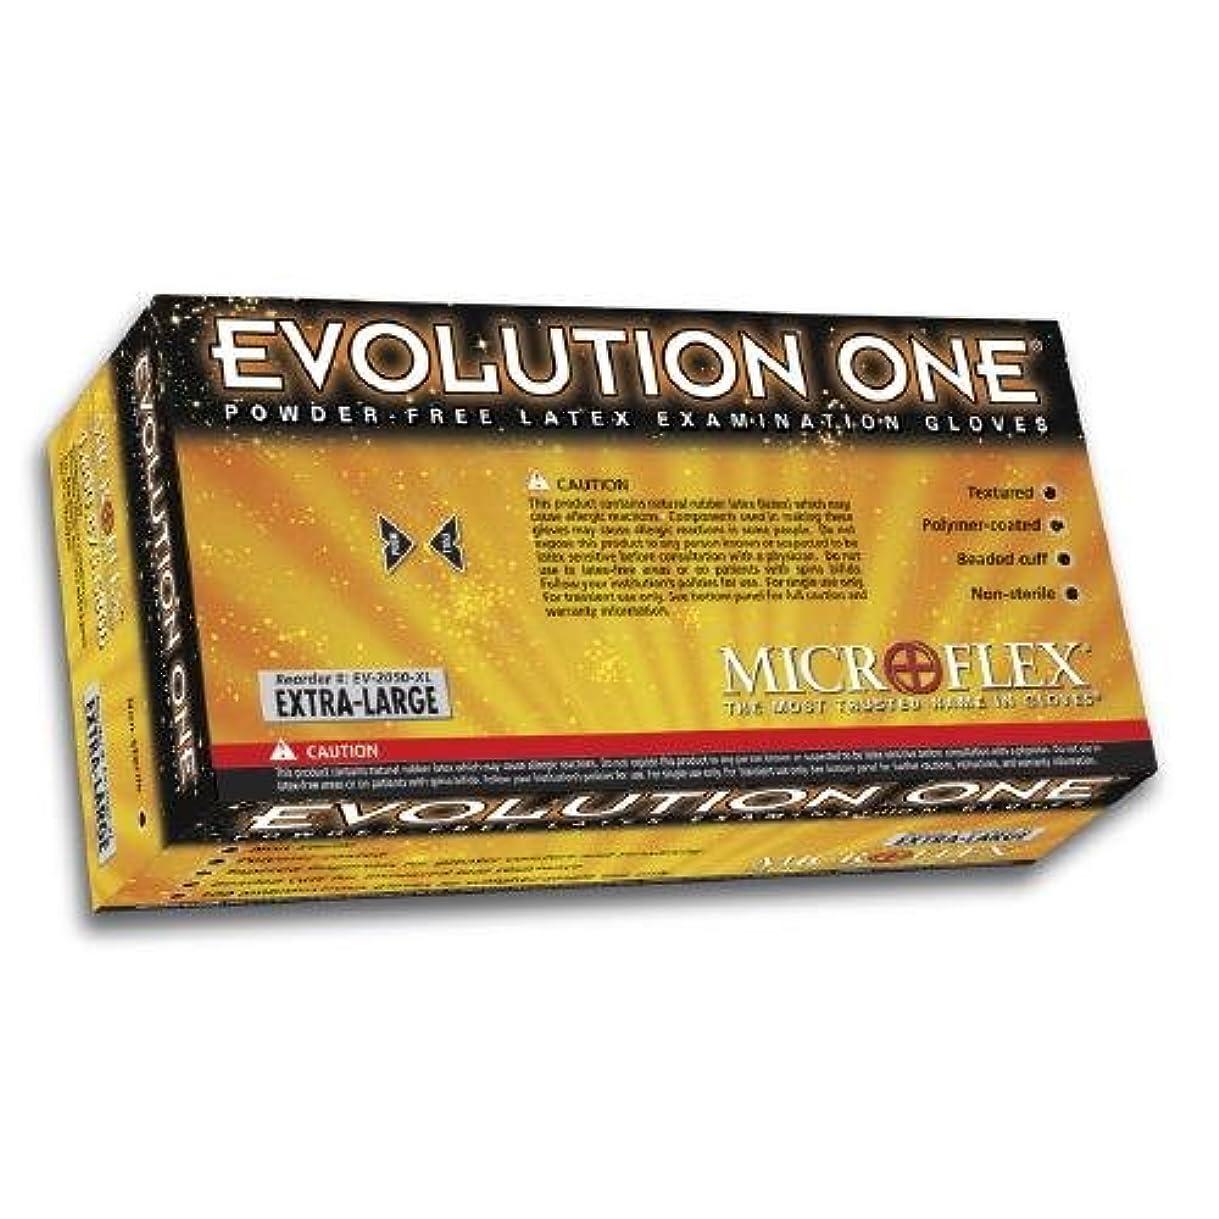 モデレータ豊富な健康BarrierSafe Solutions International EV-2050-S Microflex Evolution One 5 1/2 mil Latex Ambidextrous Non-Sterile Powder-Free Disposable Gloves with Textured Finish, Small, 10, Natural by BarrierSafe Solutions International